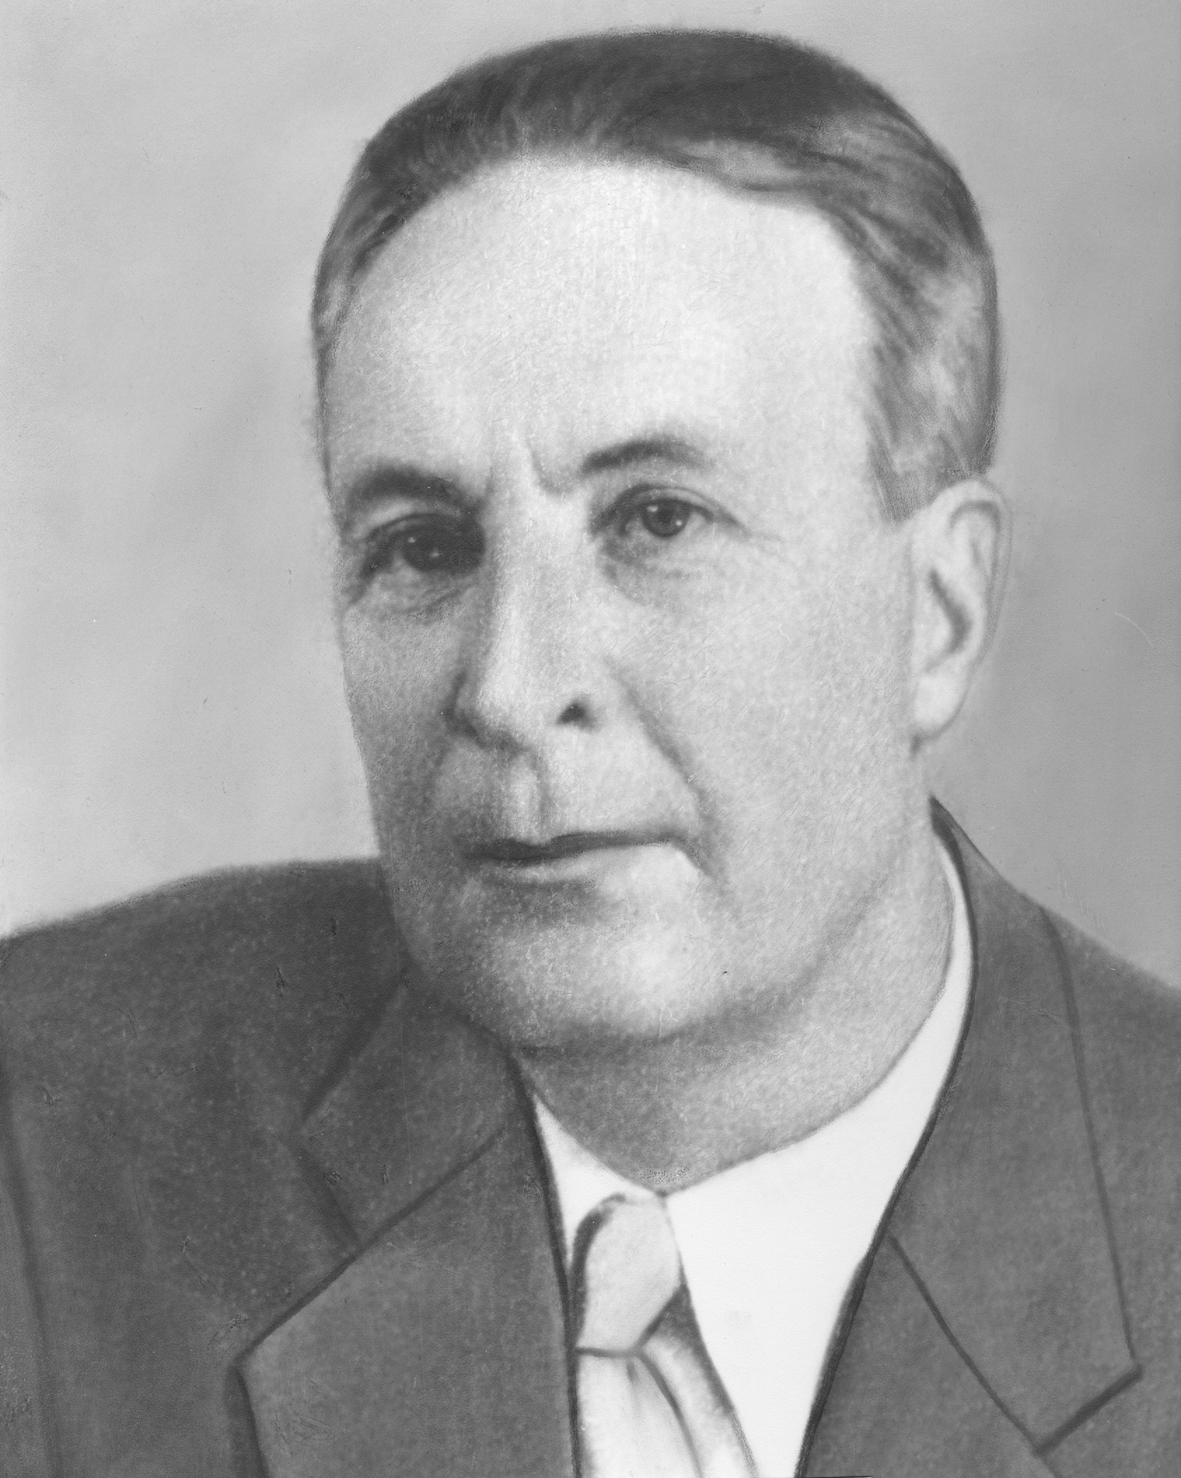 Einar Lind (1908-1978).